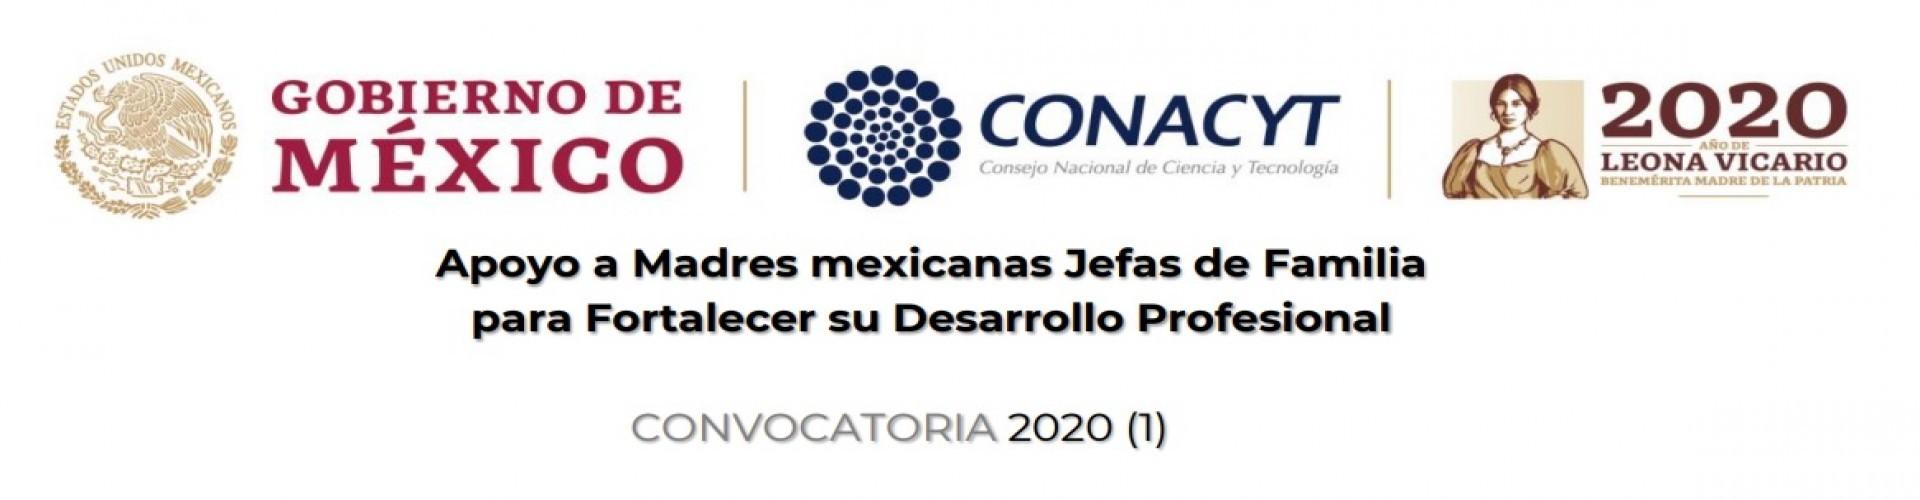 Convocatoria Apoyo a madres mexicanas jefas de familia para fortalecer su desarrollo profesional 2020